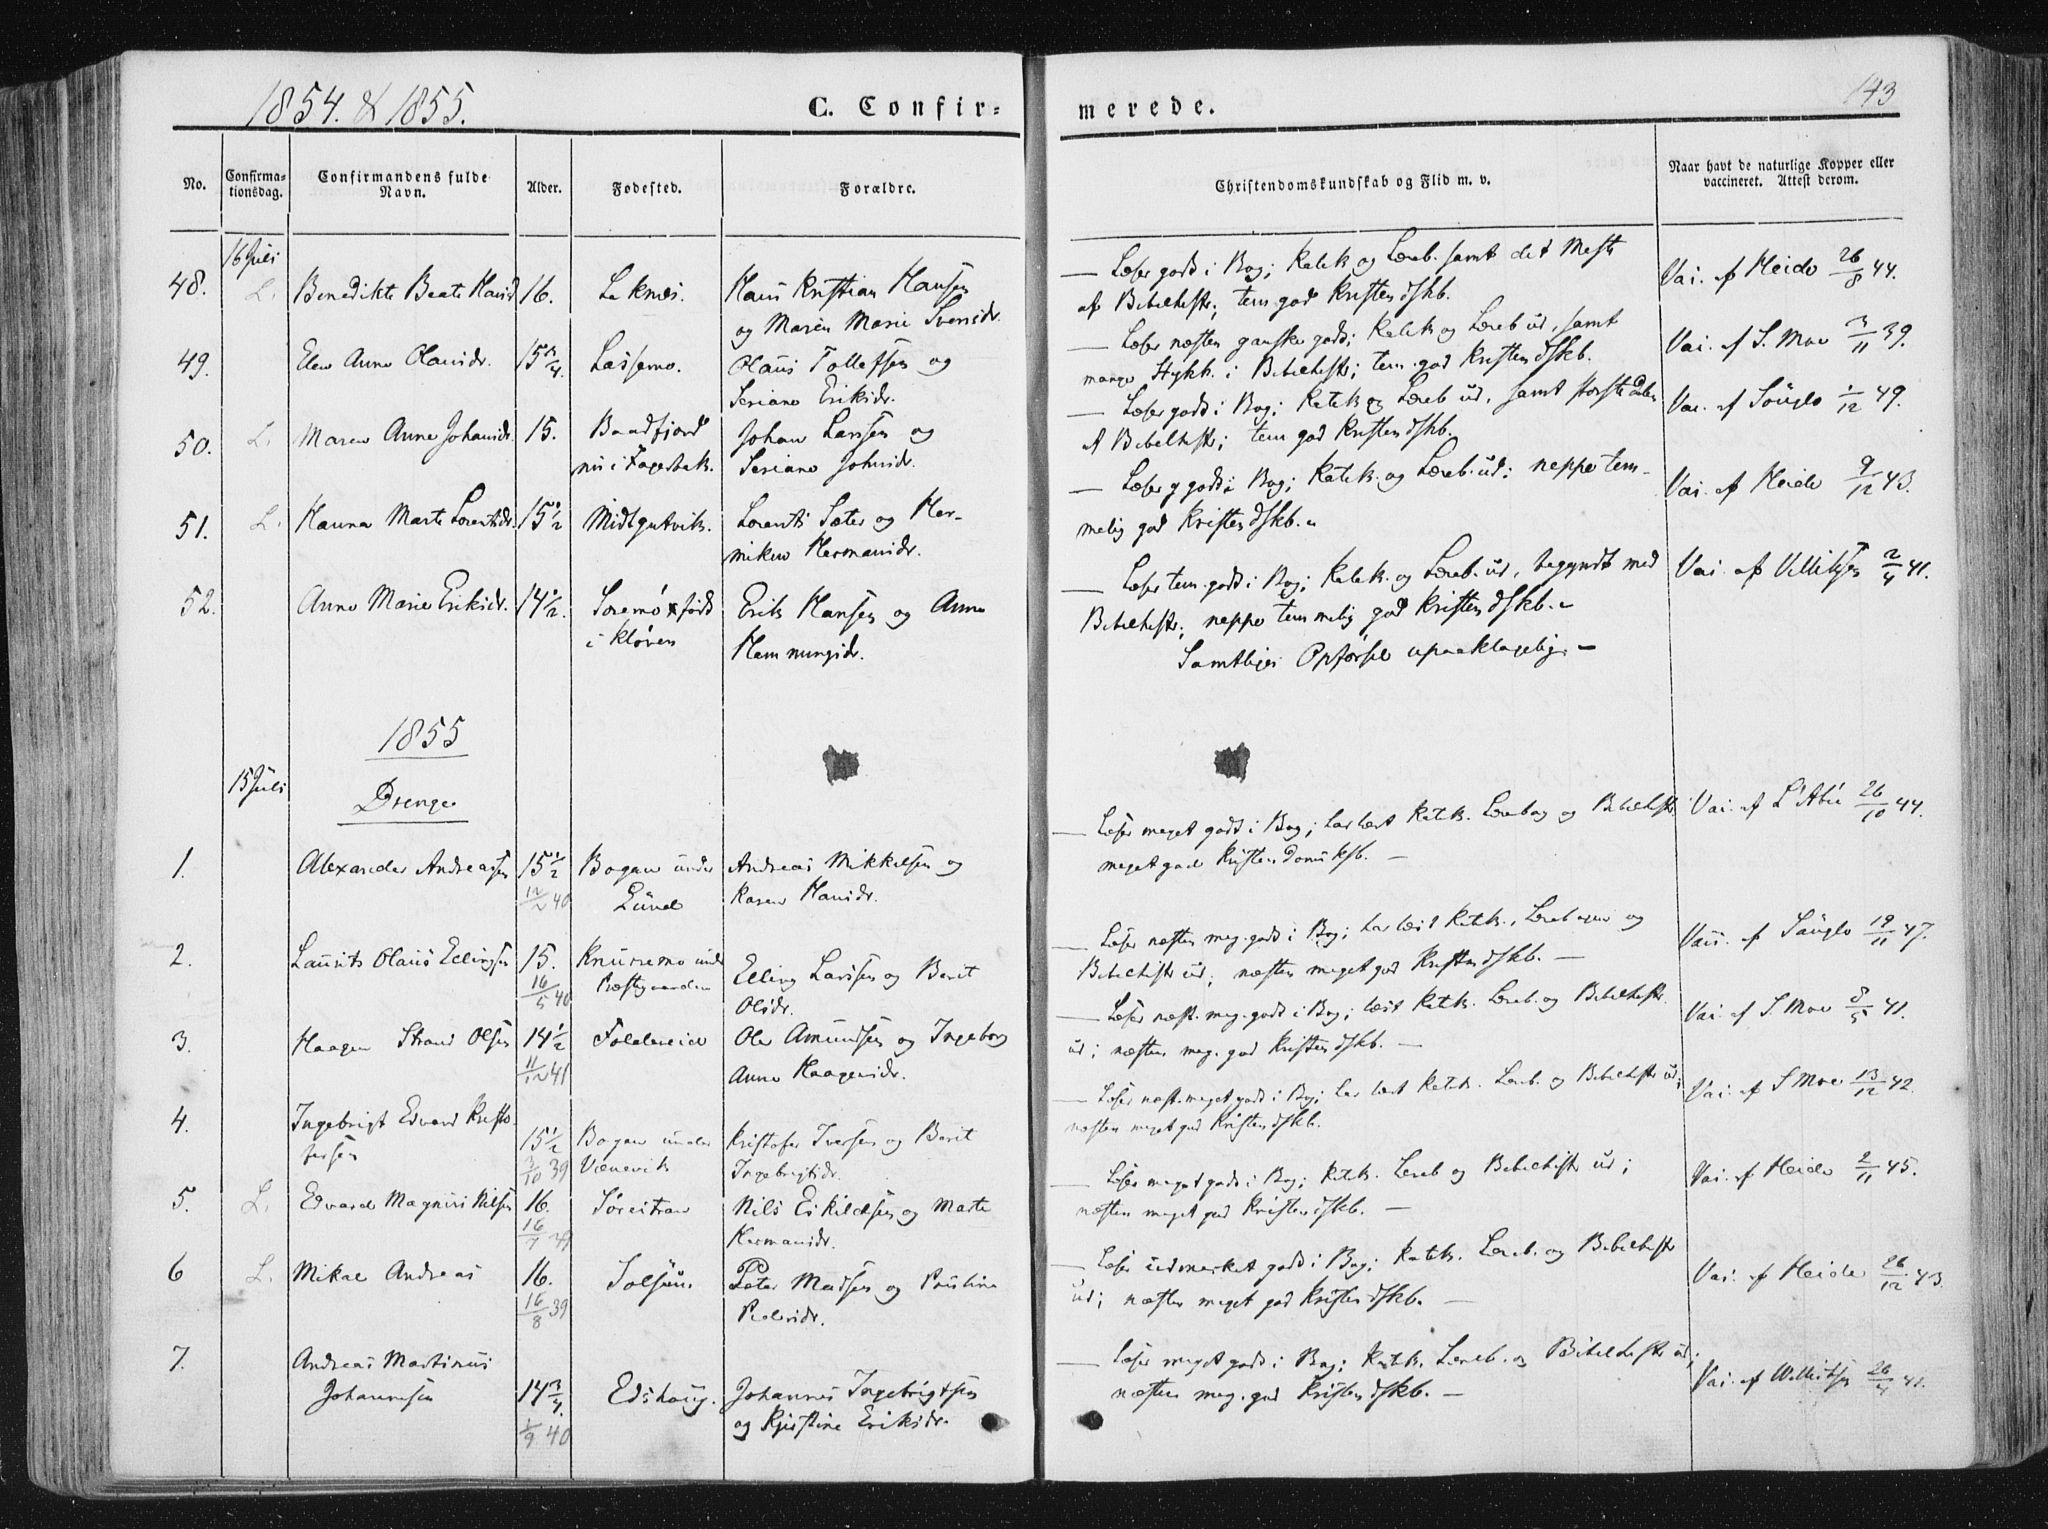 SAT, Ministerialprotokoller, klokkerbøker og fødselsregistre - Nord-Trøndelag, 780/L0640: Ministerialbok nr. 780A05, 1845-1856, s. 143